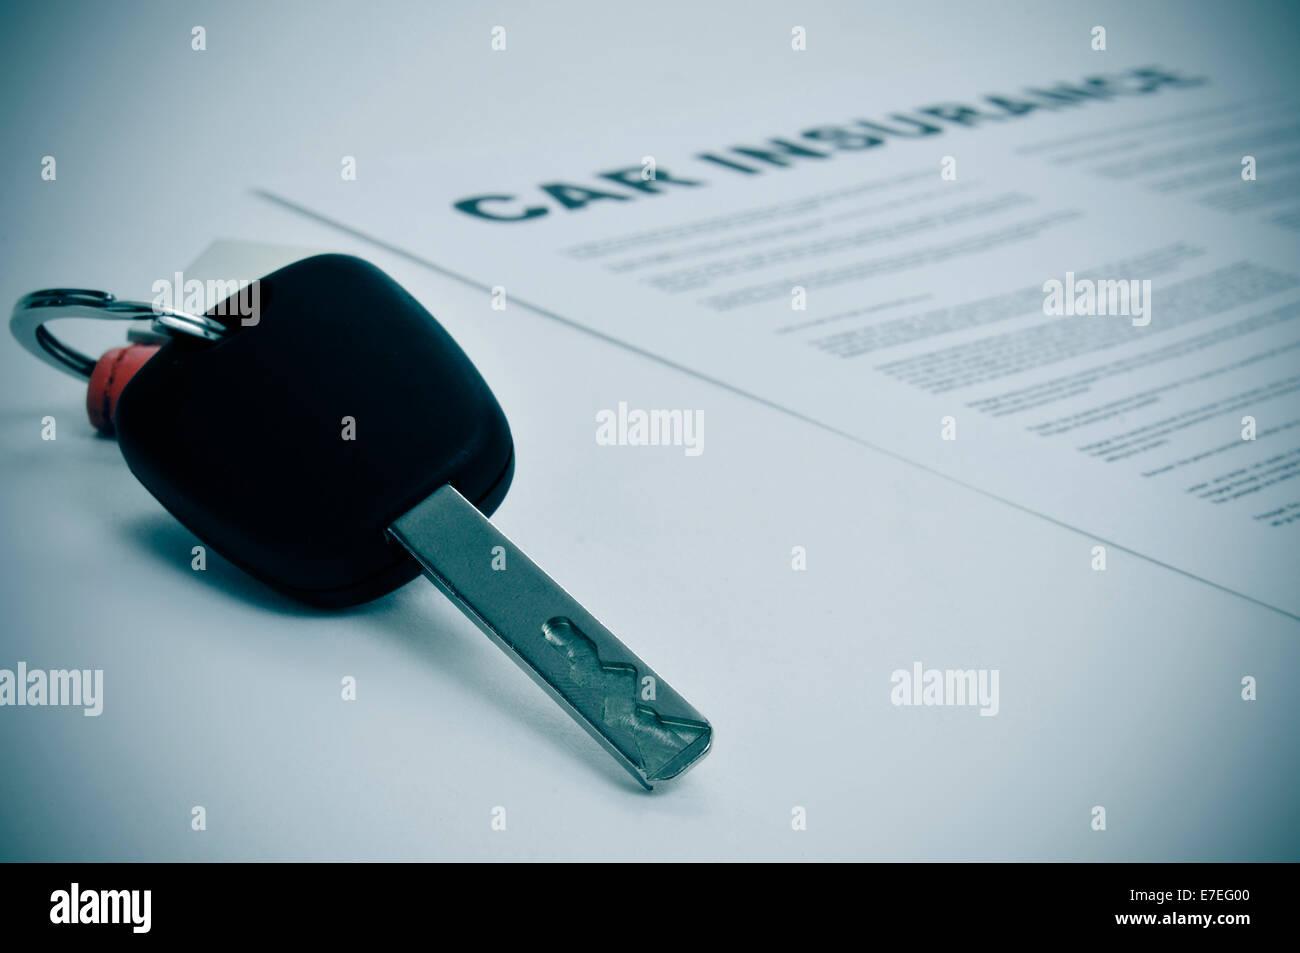 Libre d'une clé de voiture et une police d'assurance auto Photo Stock